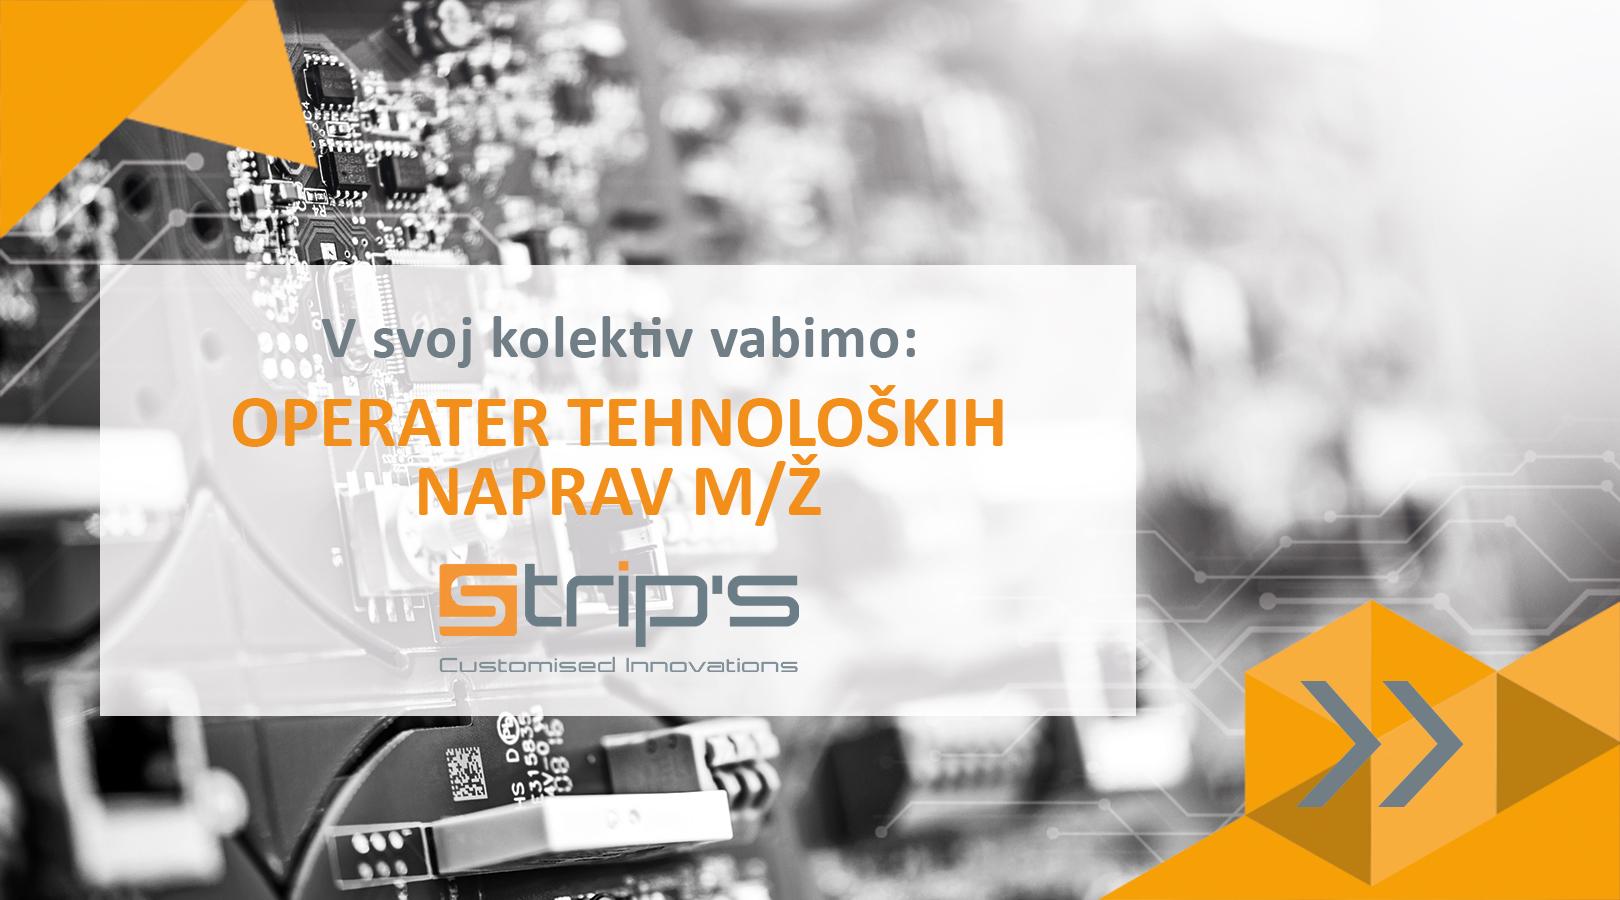 operater tehnoloskih naprav